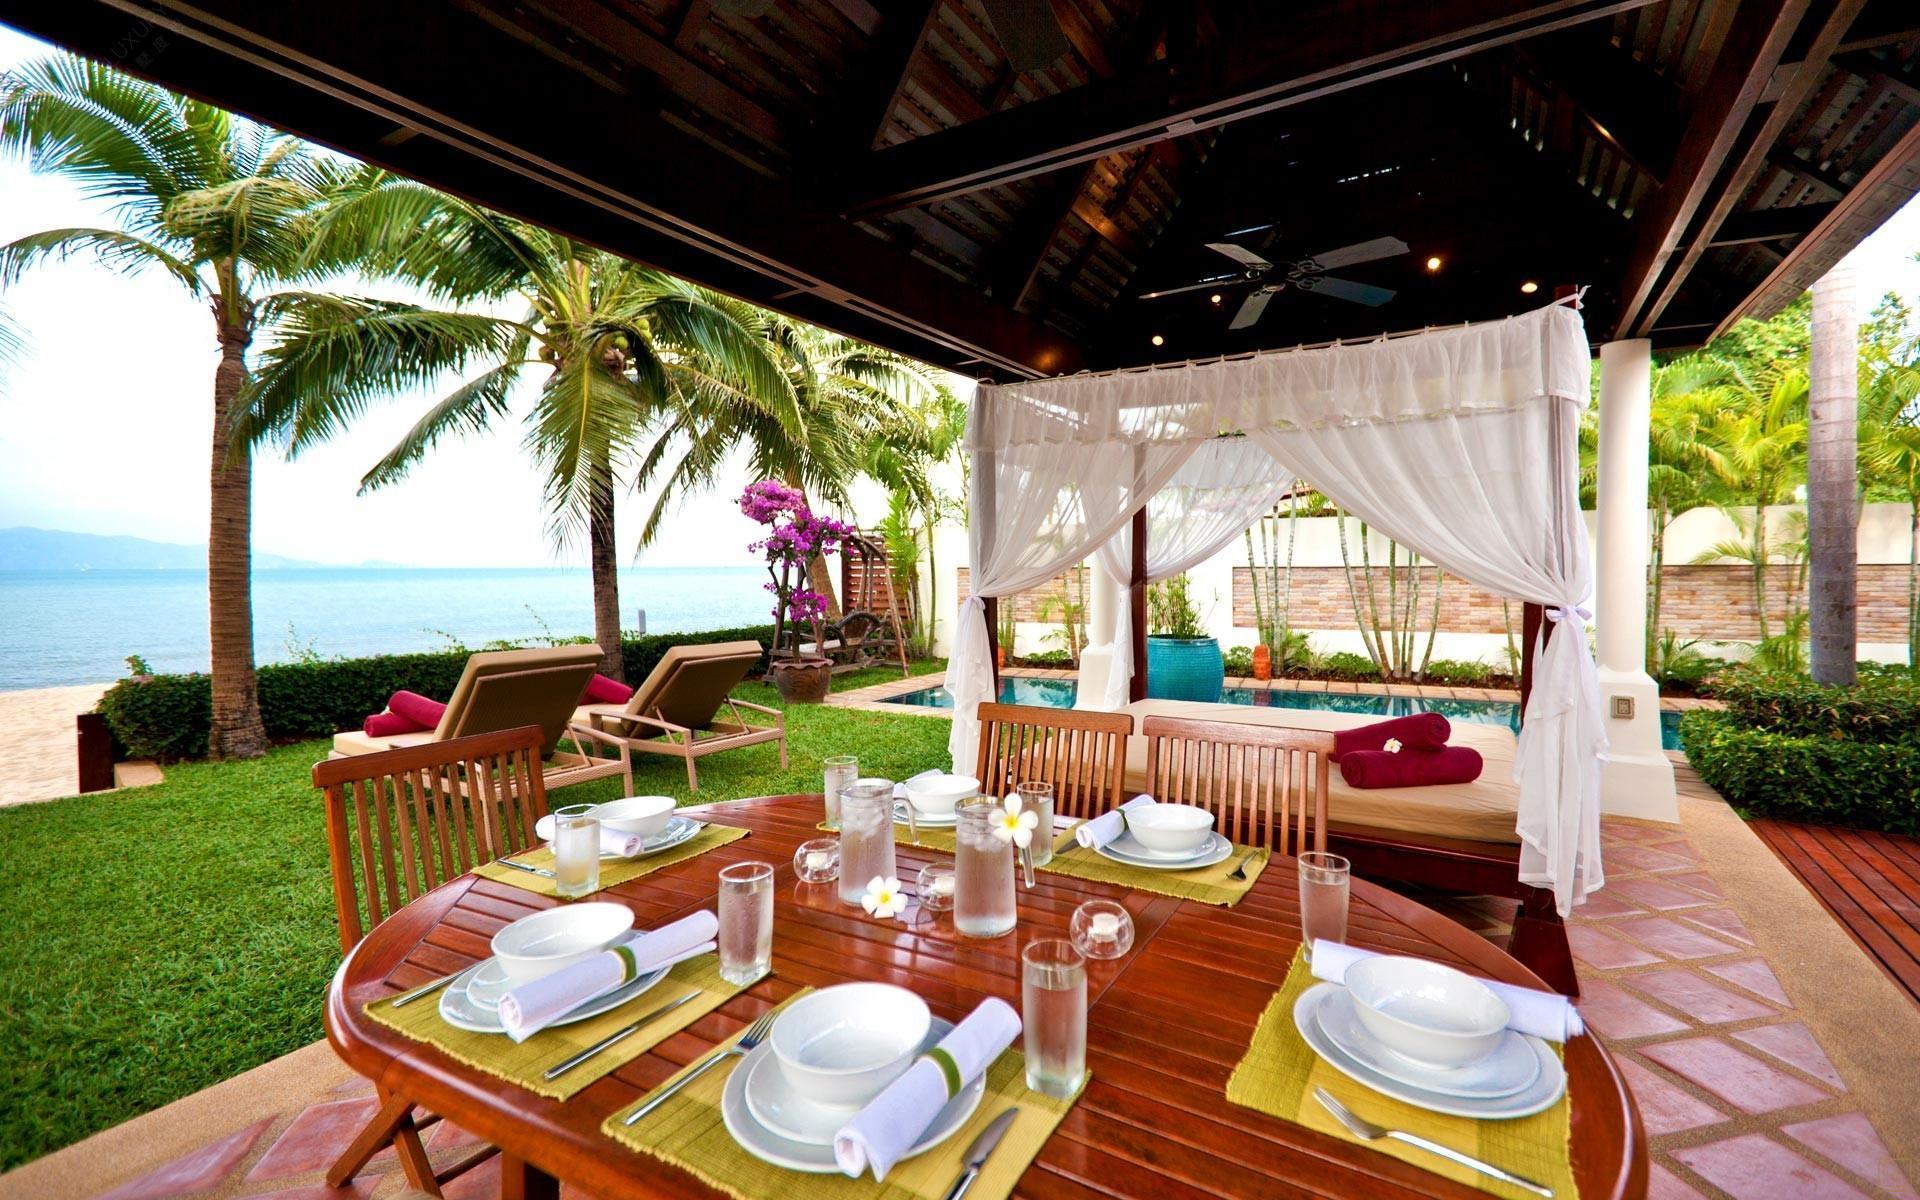 泰国苏梅岛密斯卡湾九重葛别墅户外进餐